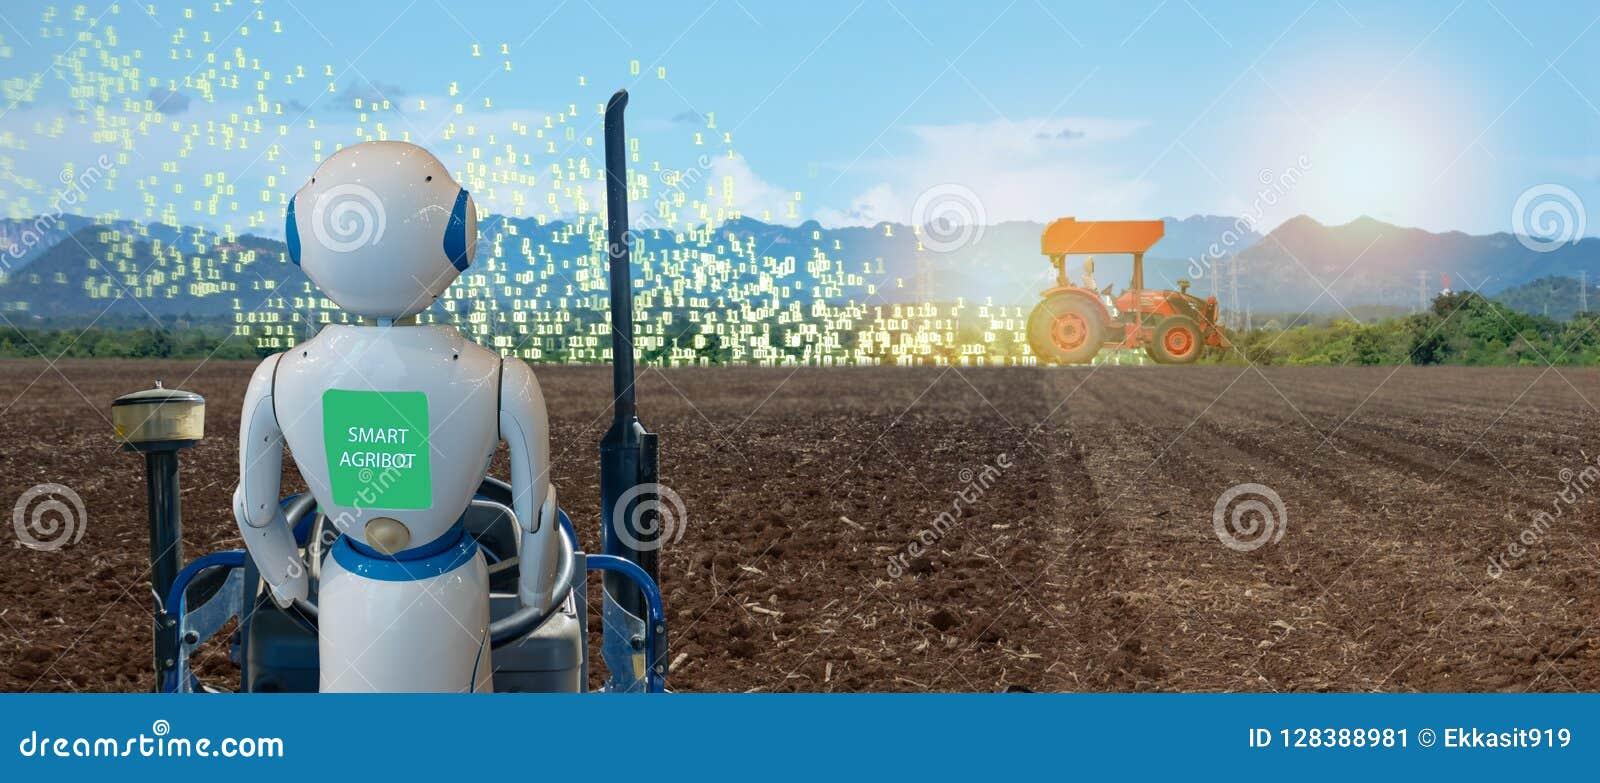 Iot intelligente Landwirtschaft, Landwirtschaft in Industrie 4 0 Technologie mit Lernkonzept der künstlichen Intelligenz und der